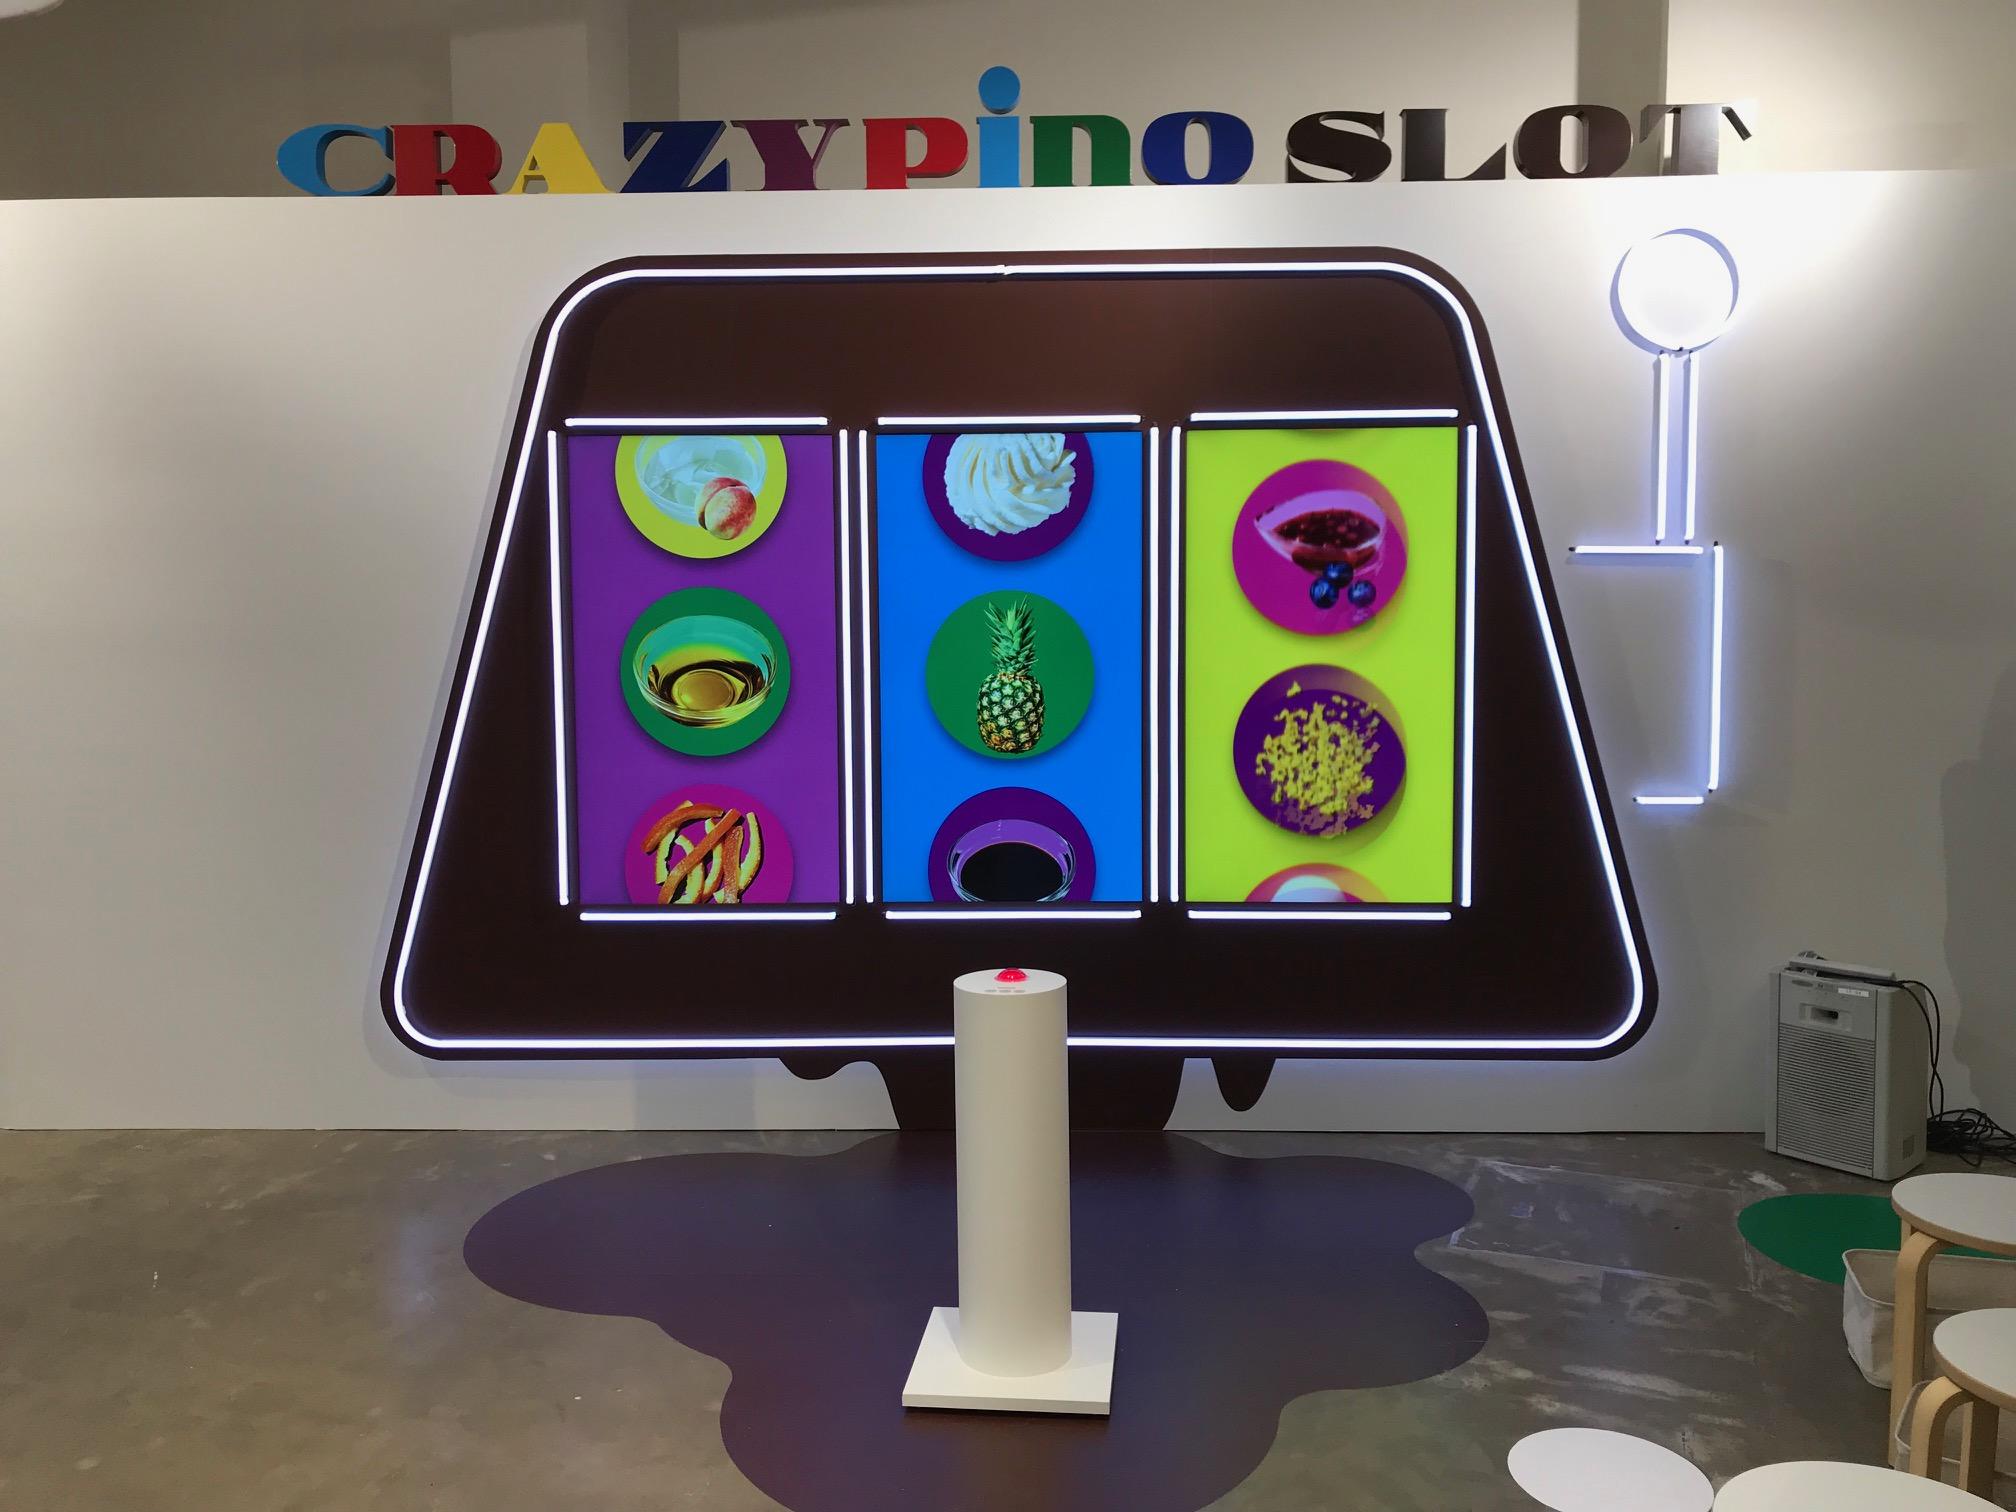 タピオカと「ピノ」を一緒に食べる!? 「ピノ」の未知の美味しさを楽しむ「CRAZYpino STUDIO」Photo Gallery_1_5